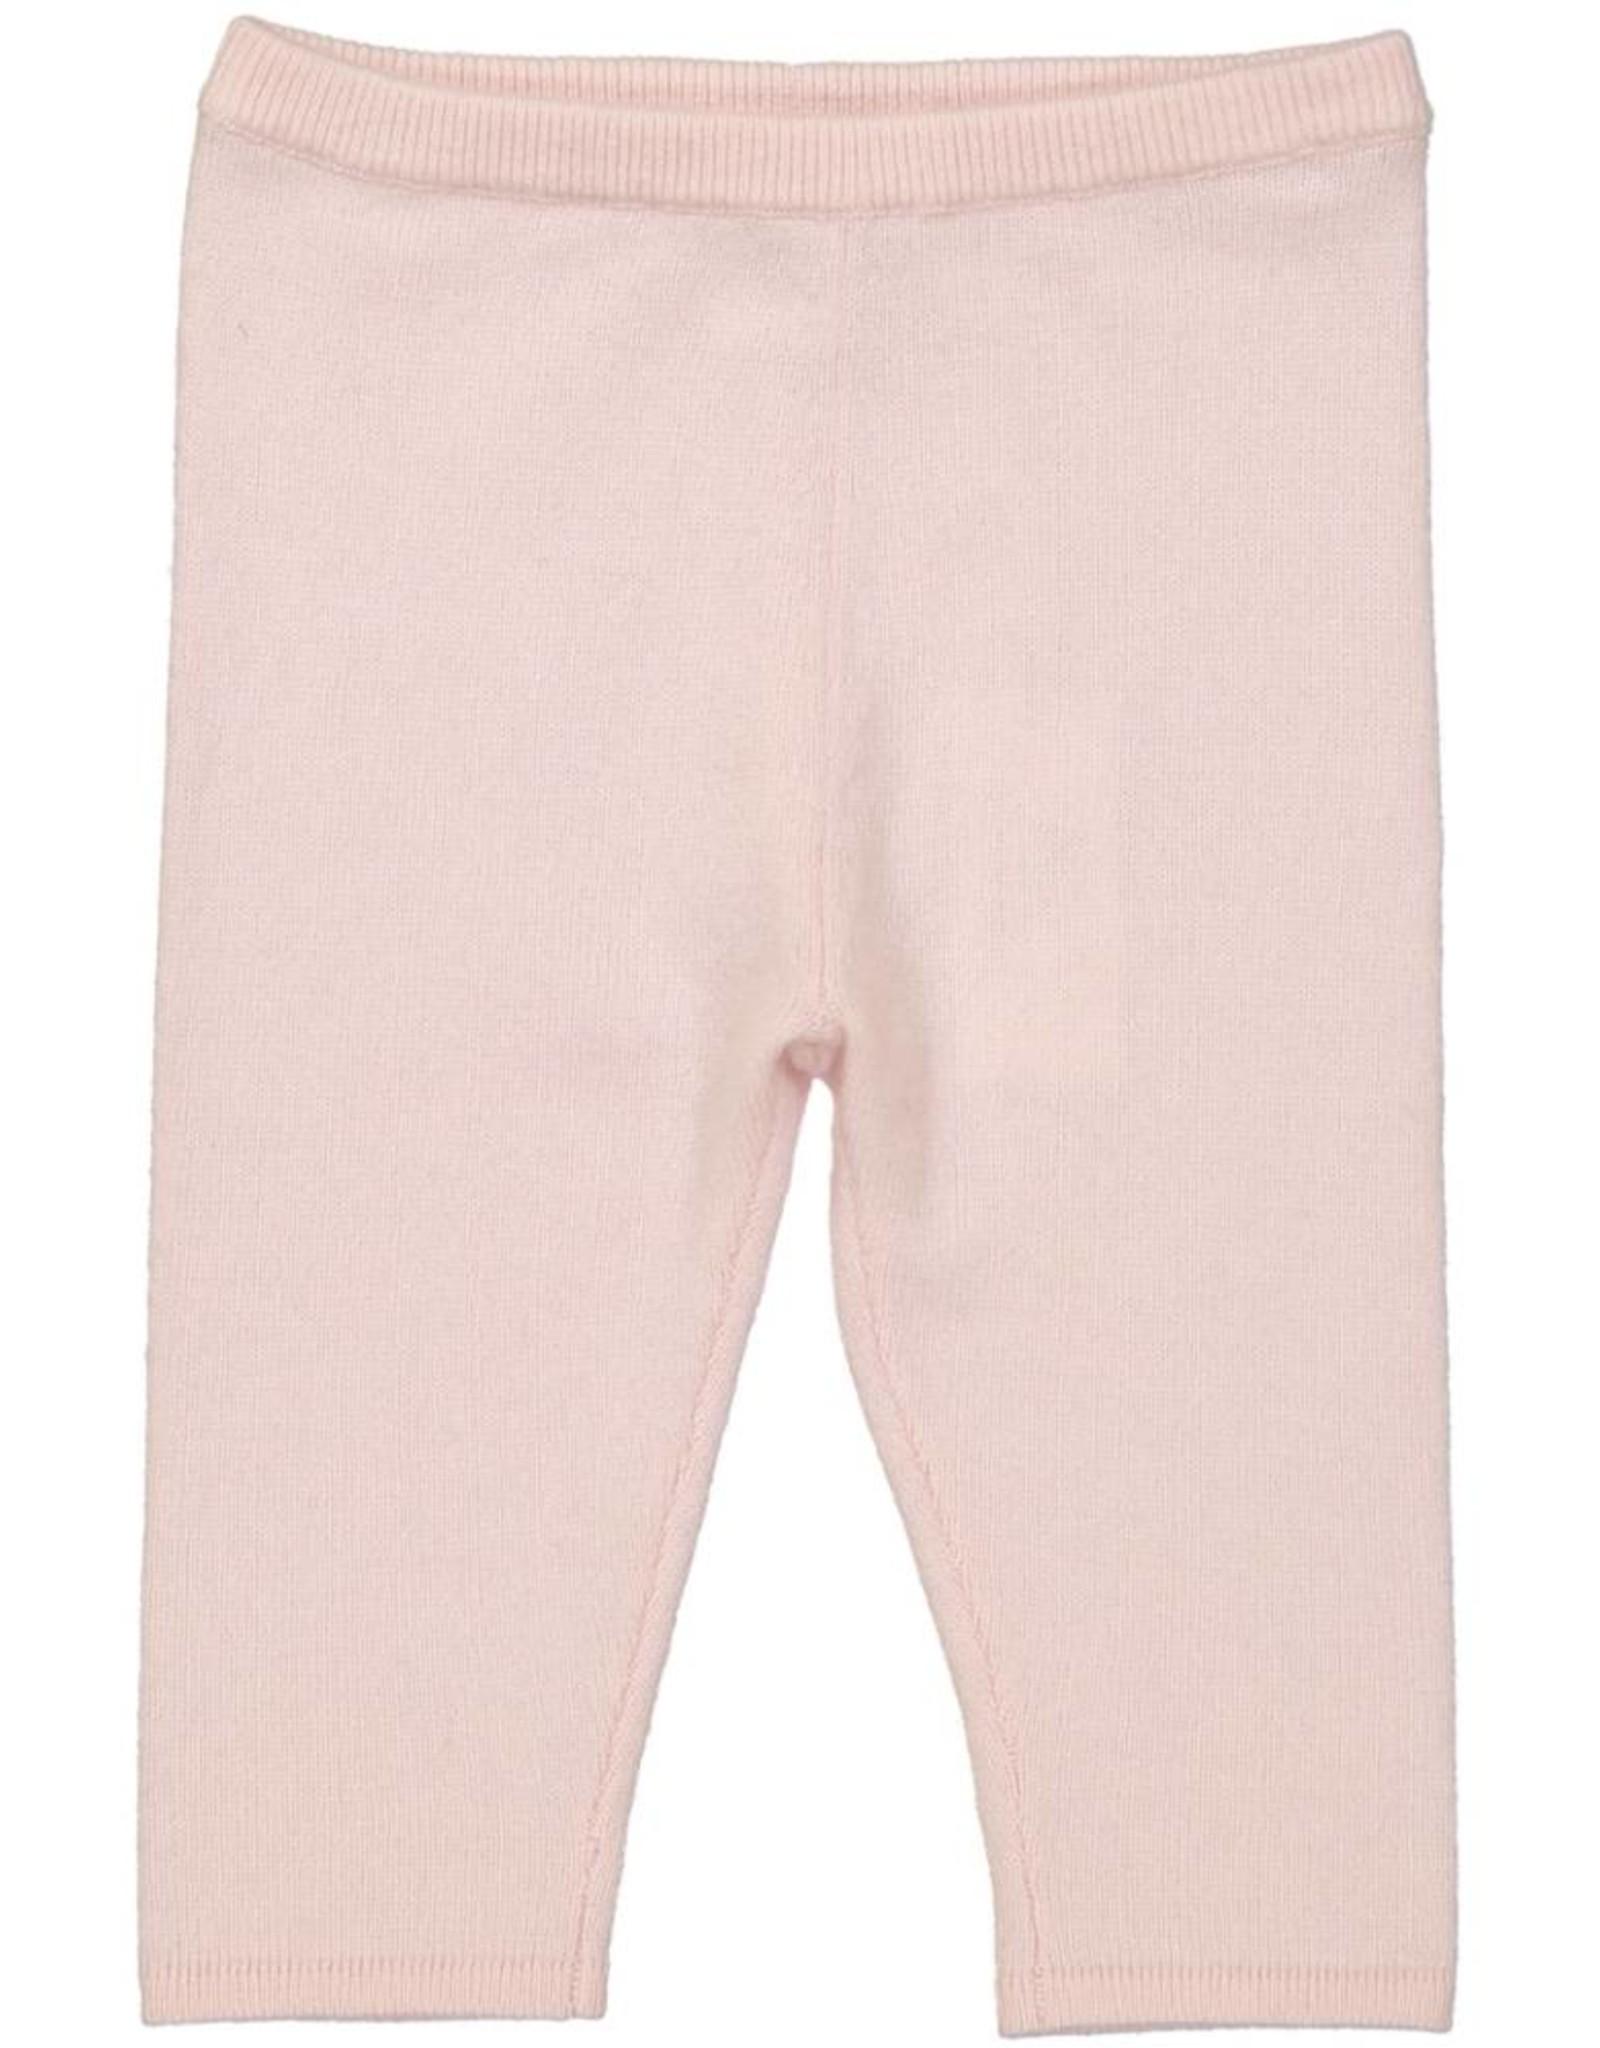 Cashmere pants